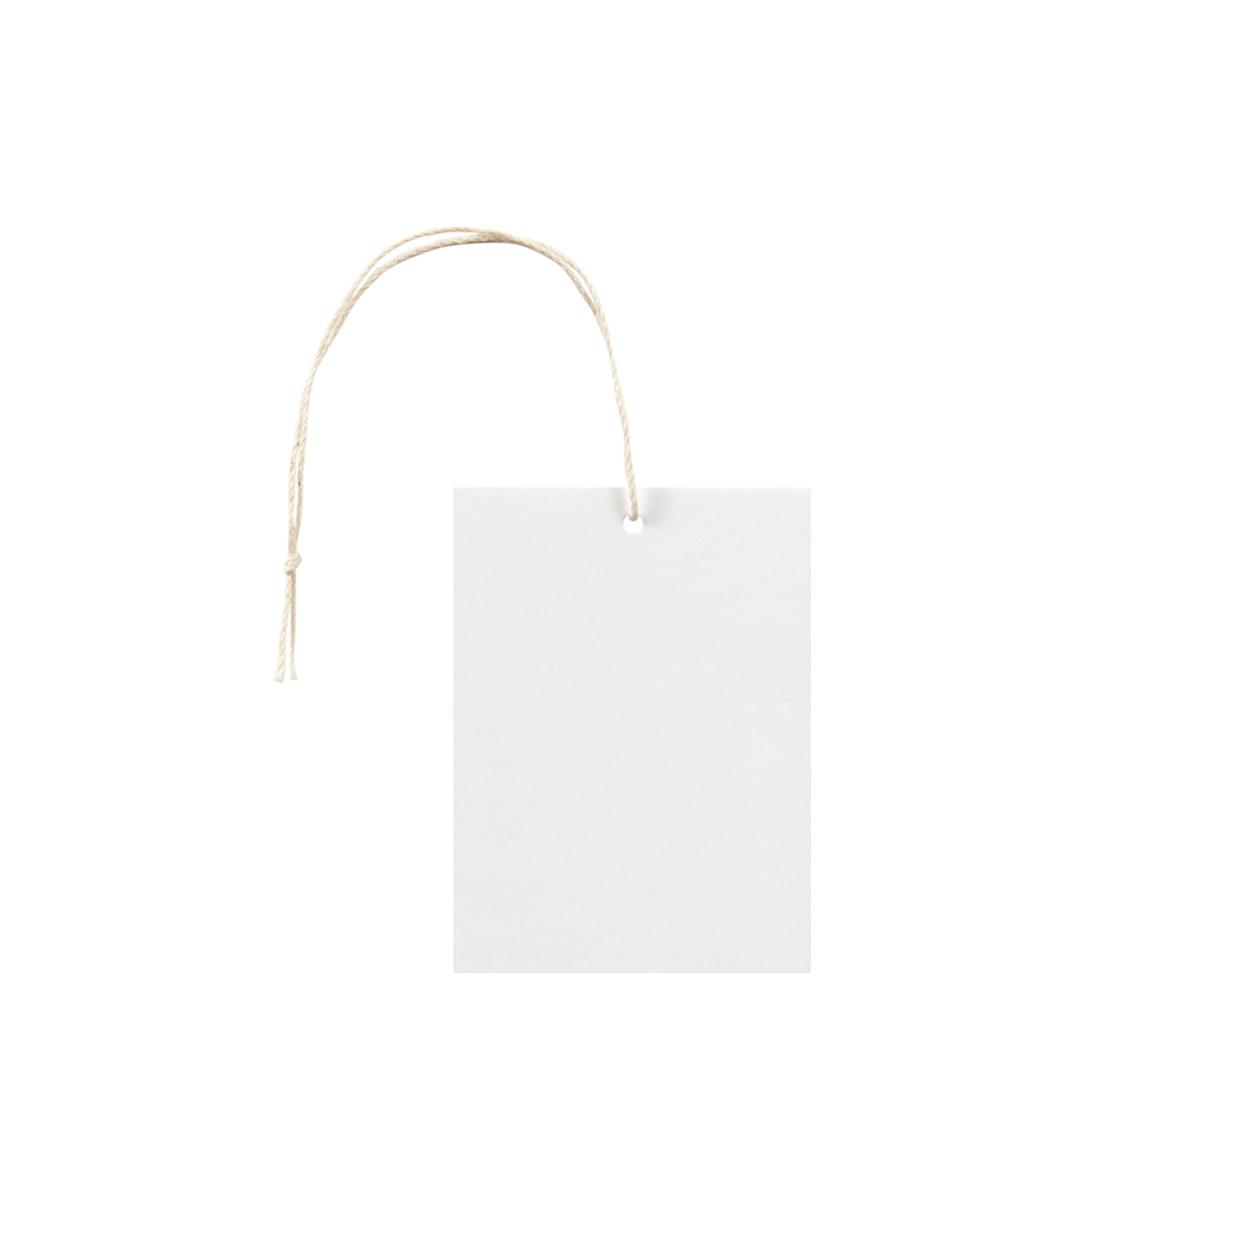 タグ55×75四角形 コットンスノーホワイト 232.8g タグ紐(細)コットン生成